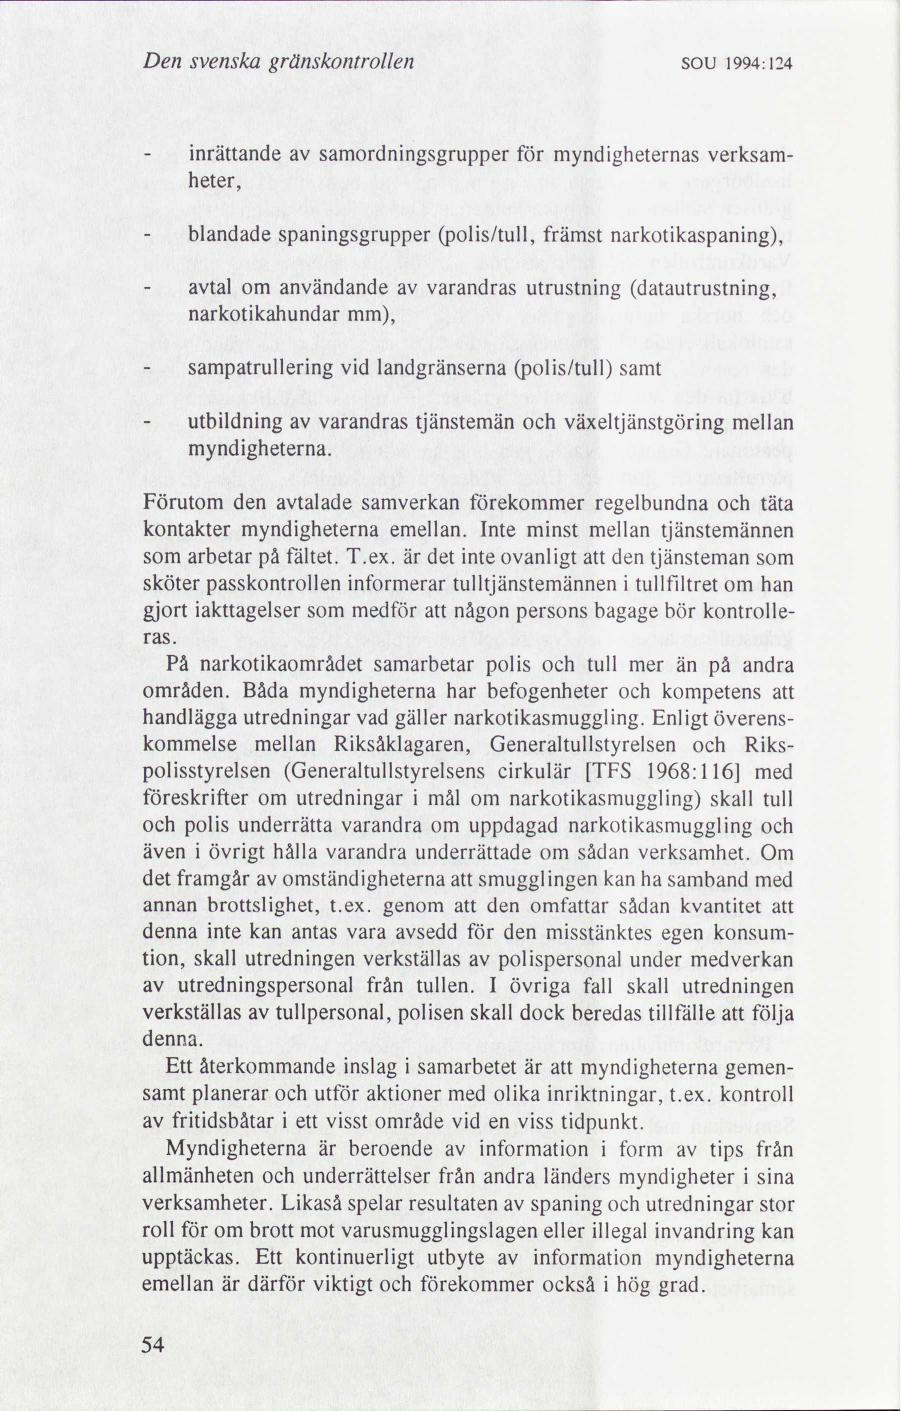 Radiocarbon dating laboratorium Lunds universitet